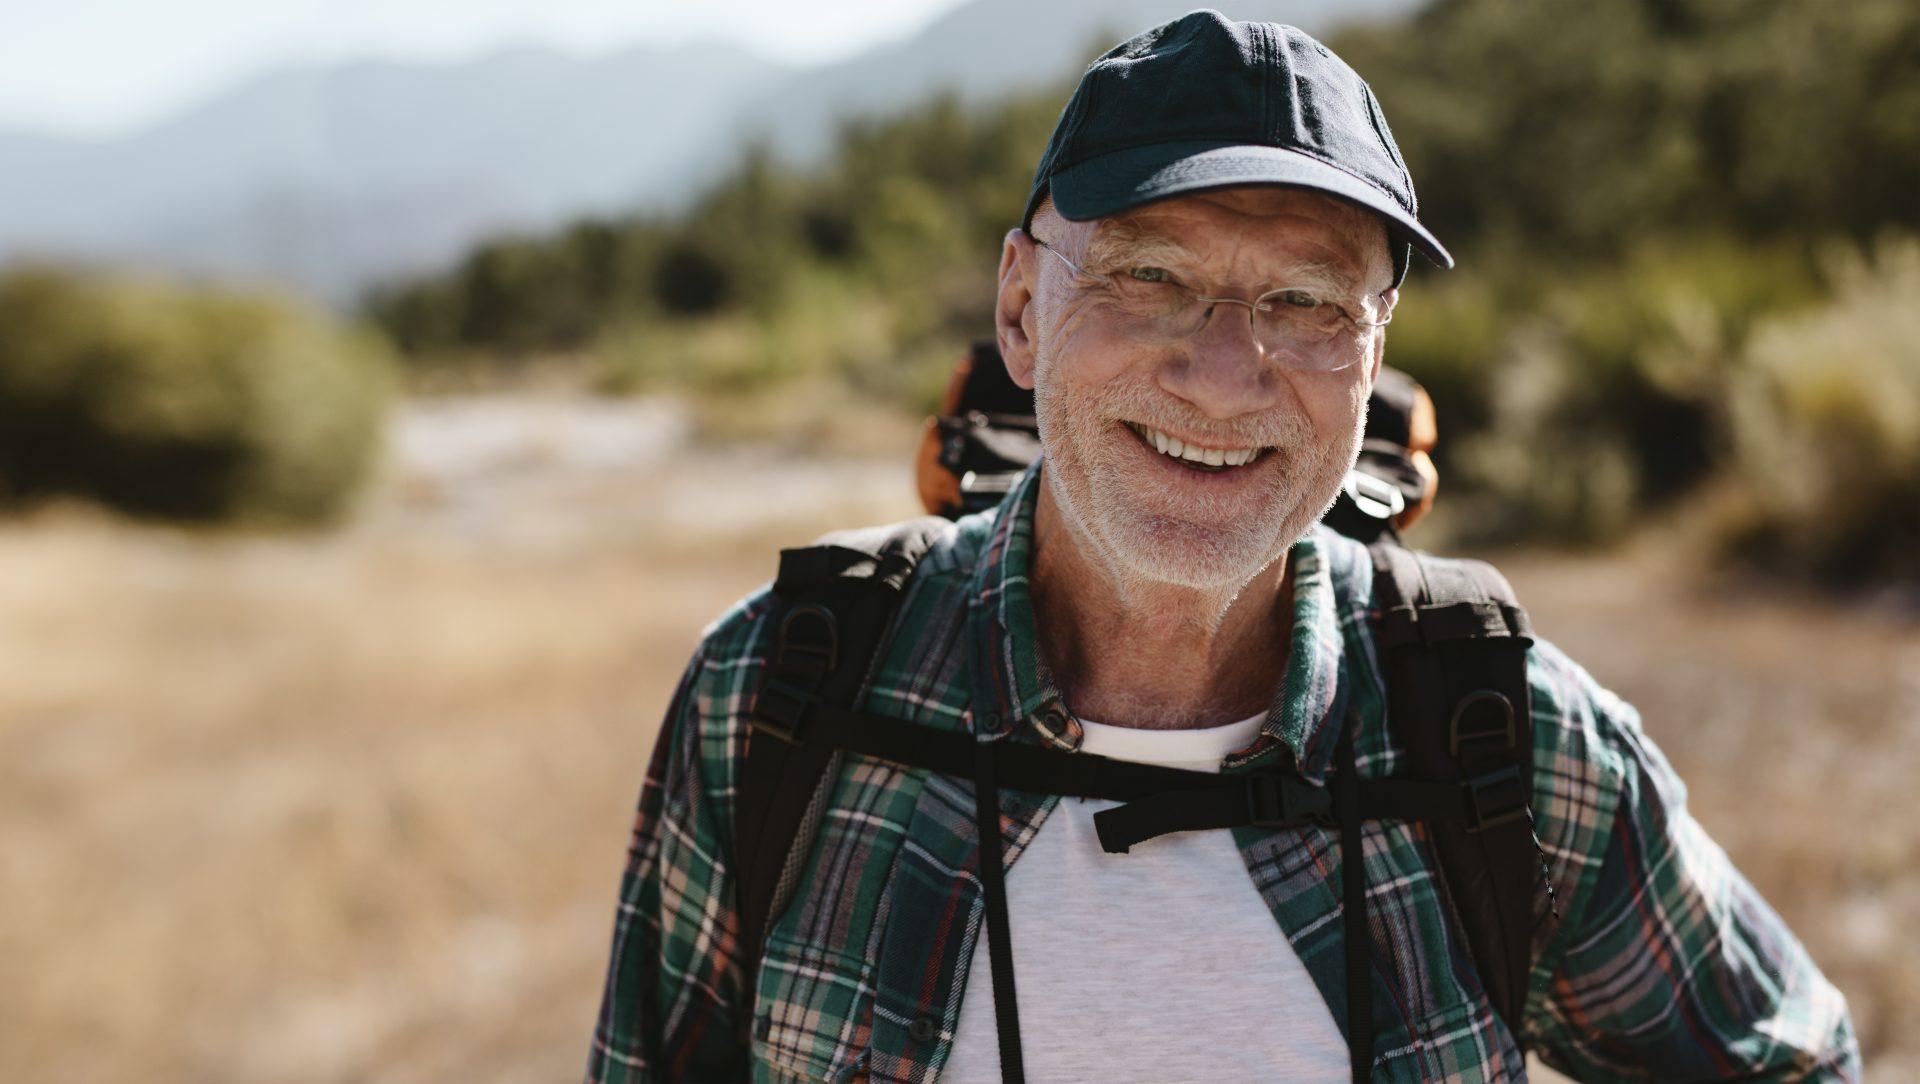 Senior man hiking to reduce disease risk